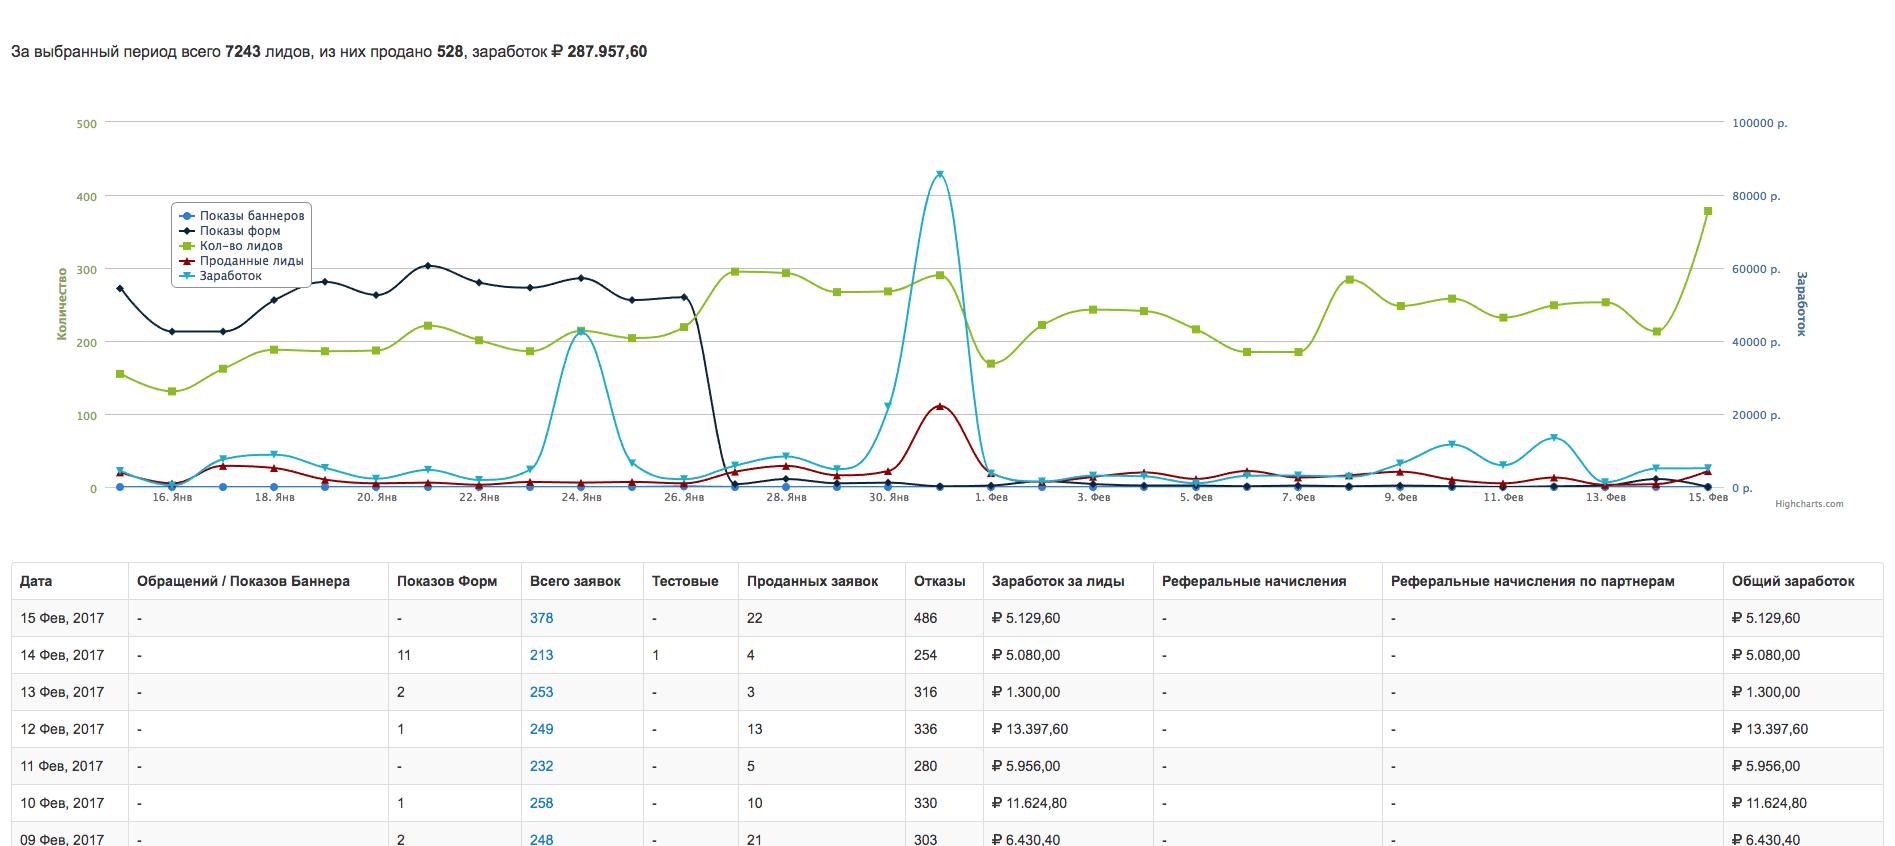 Статистика среднестатистического вебмастера оффер